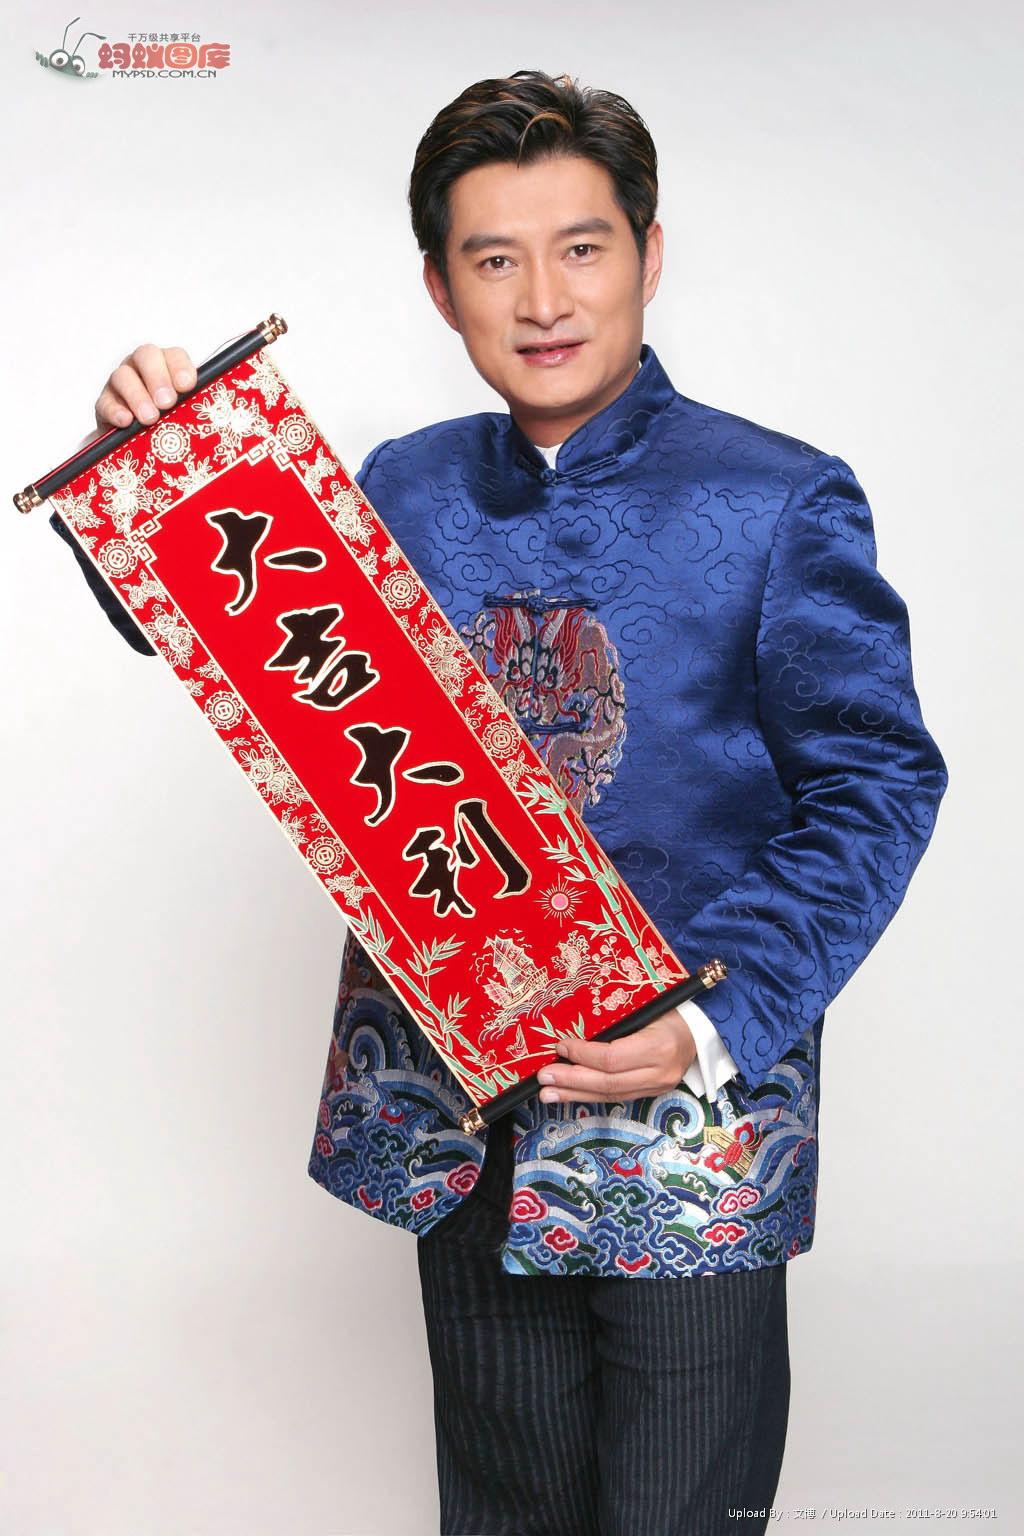 徐僧个人资料_黄安遭台湾媒体封杀, 黄安个人资料背景举报过哪些艺人_99女性网